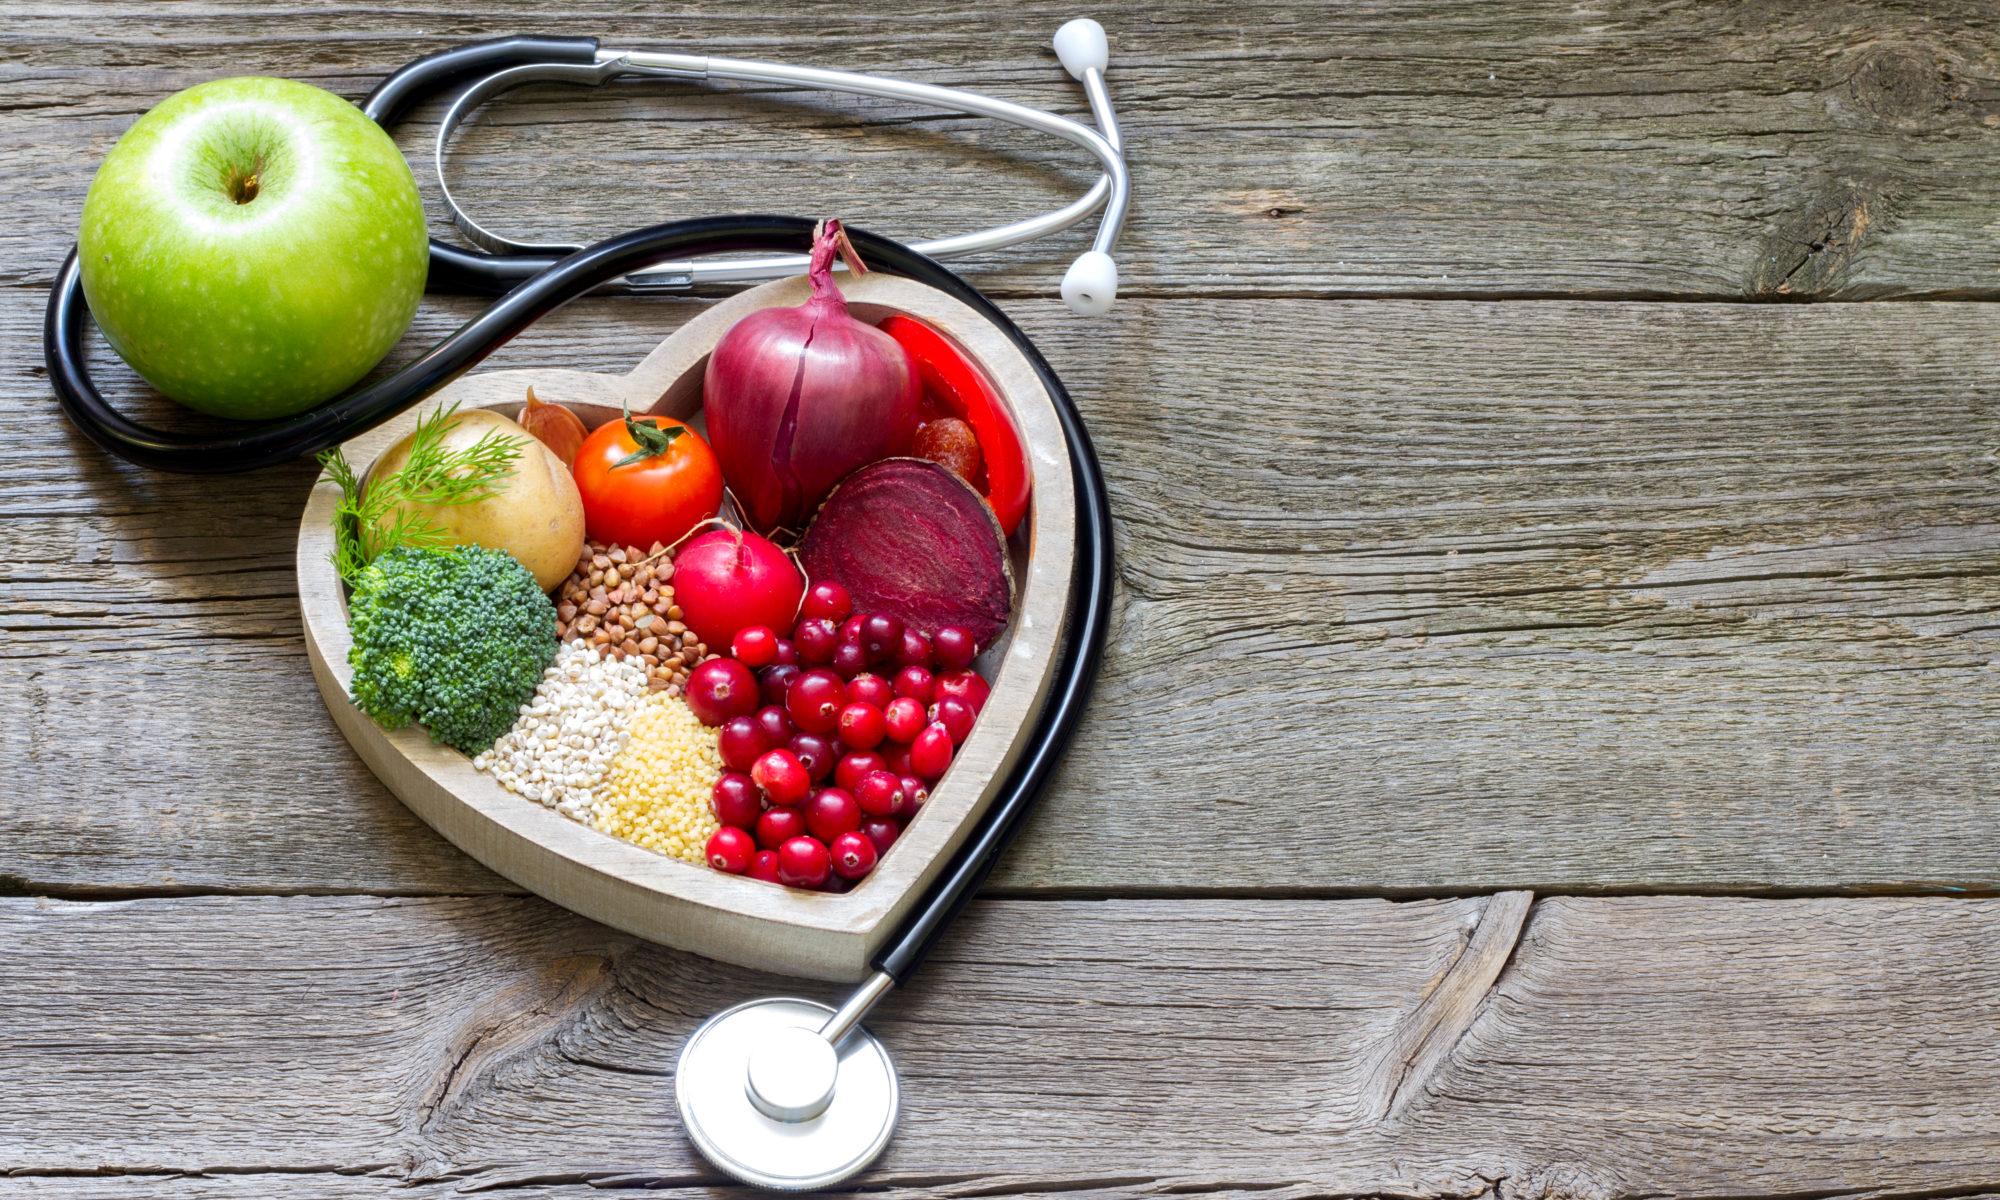 Naturheilpraxis Nicole Bons - Ernährungsberatung und Naturheilkunde